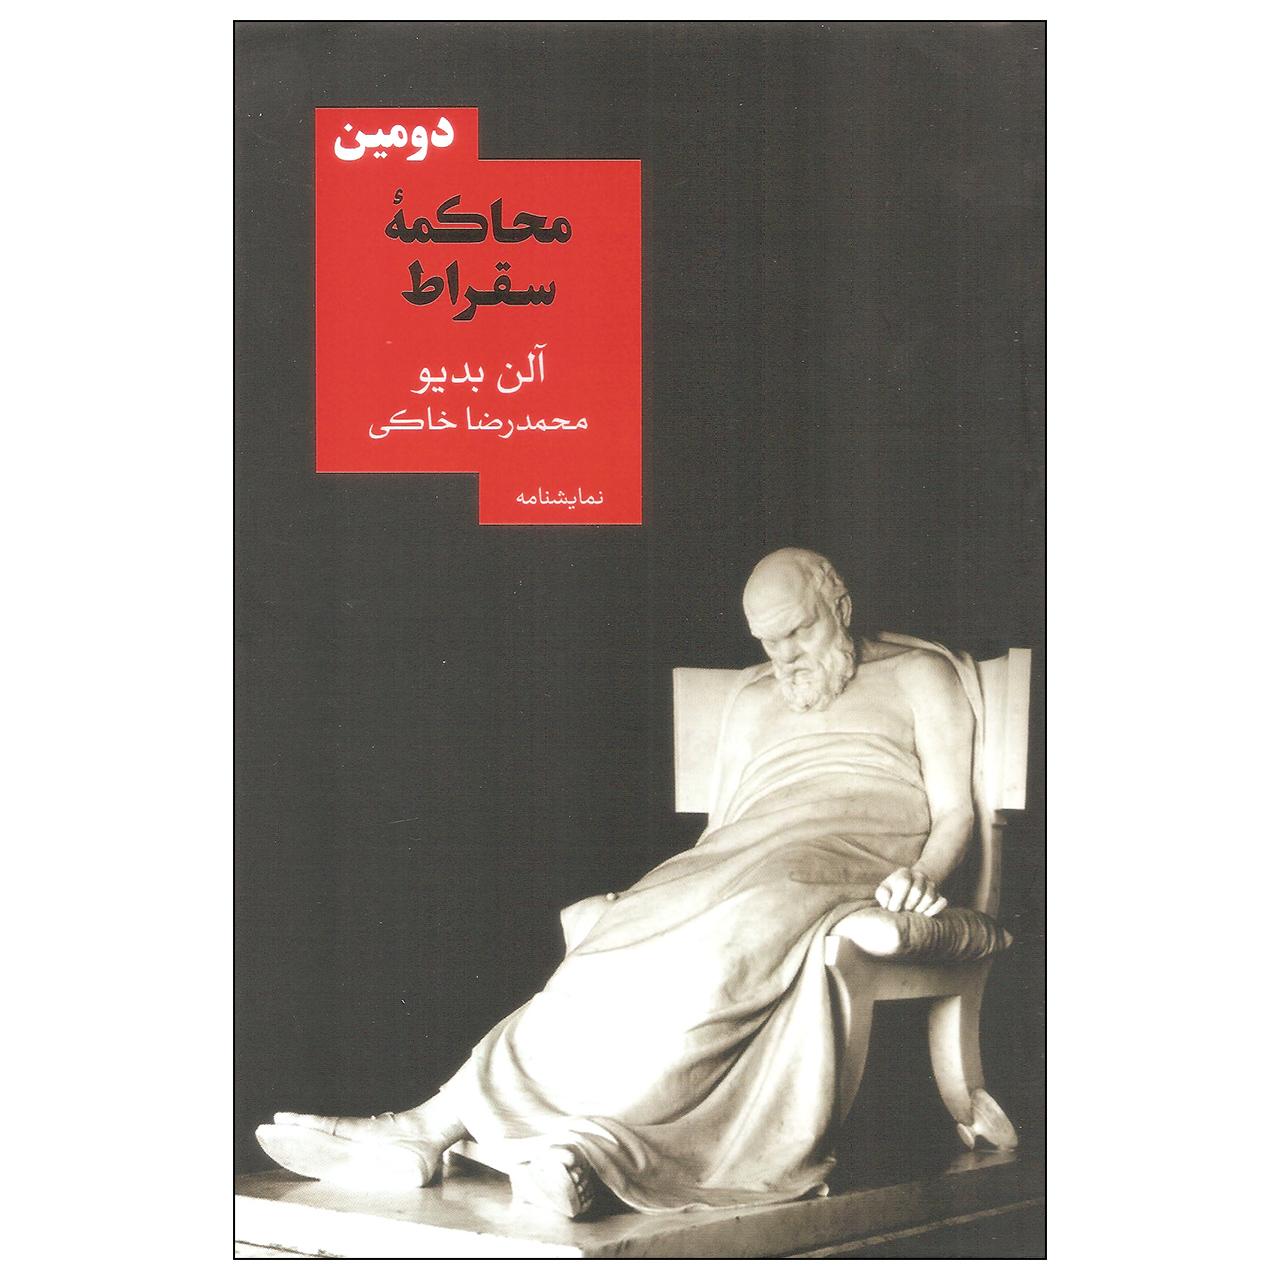 کتاب دومین محاکمه سقراط اثر آلن بدیو نشر روزبهان